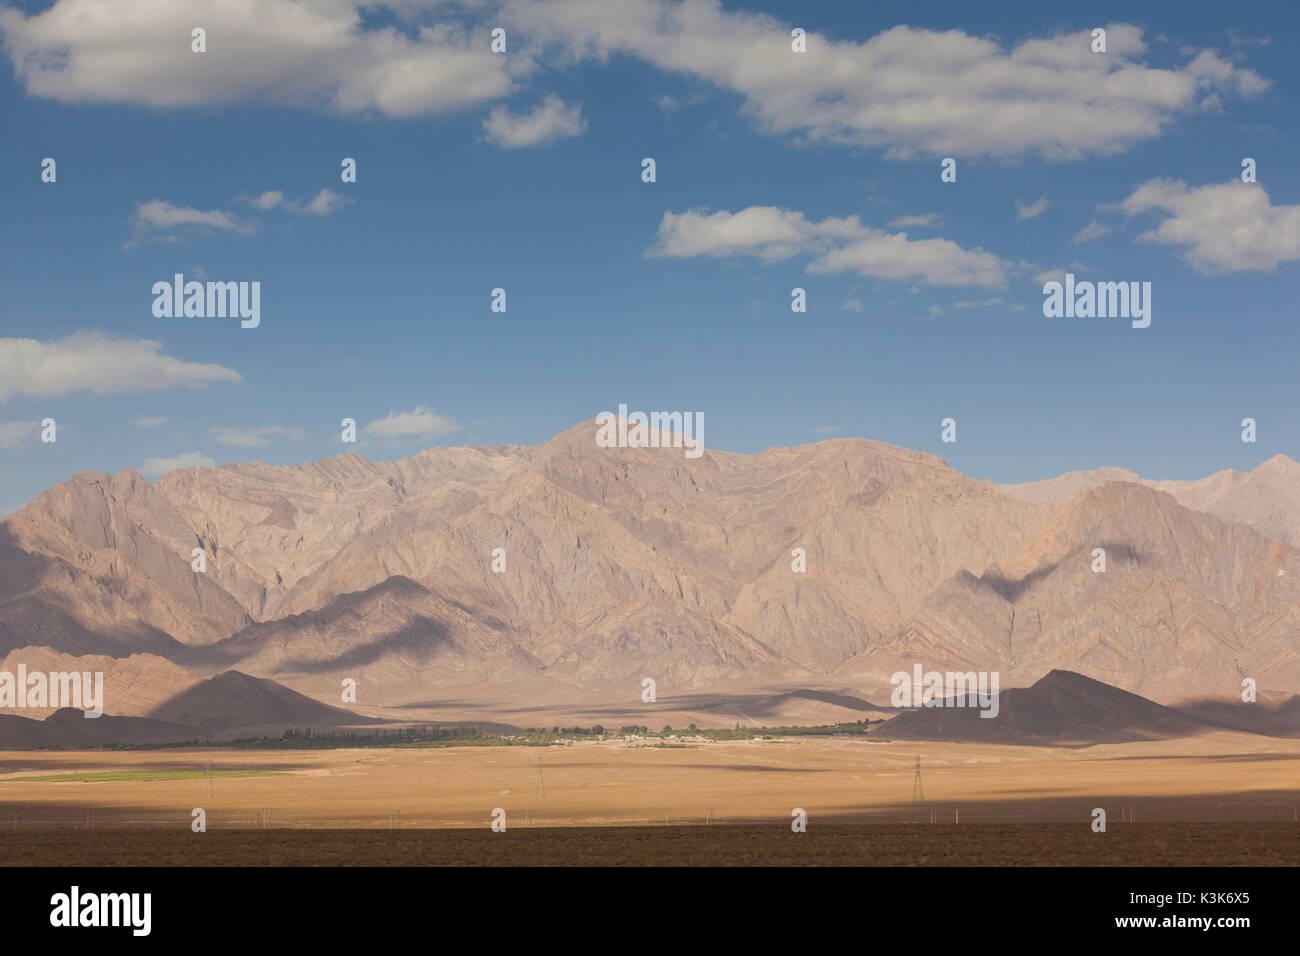 Iran, Southeastern Iran, Rayen, mountains - Stock Image